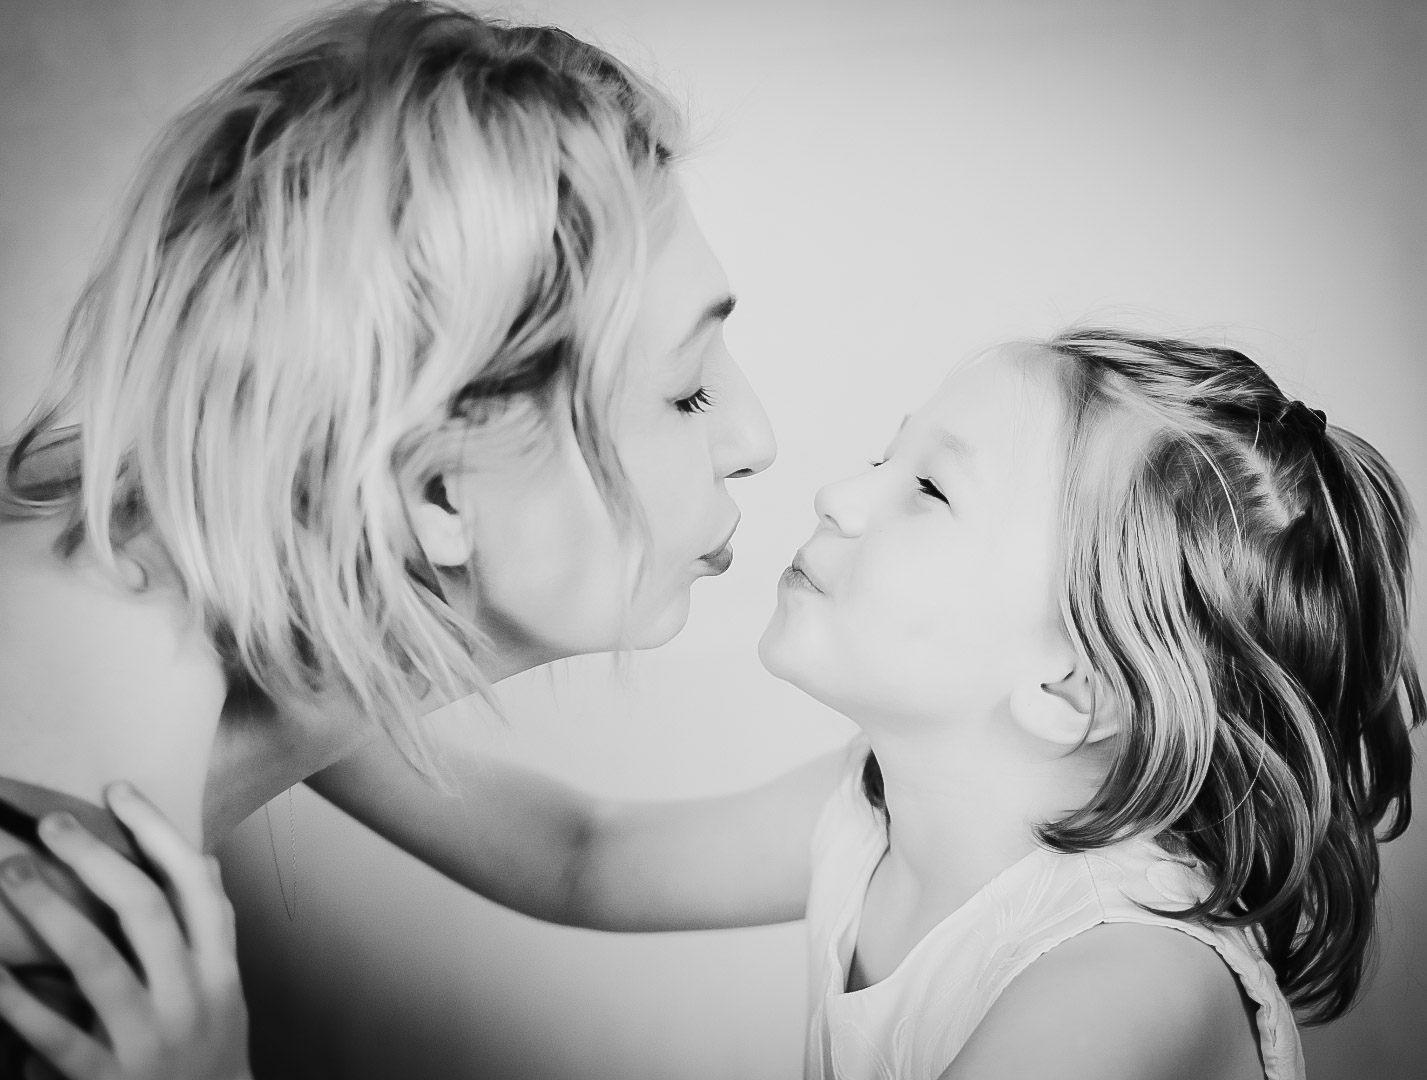 Zdjęcie rodzinne, portrety dziecięce. Recenzja zdjęć LIVE. Nauka fotografii online. 349 Kursy i 341 AFO